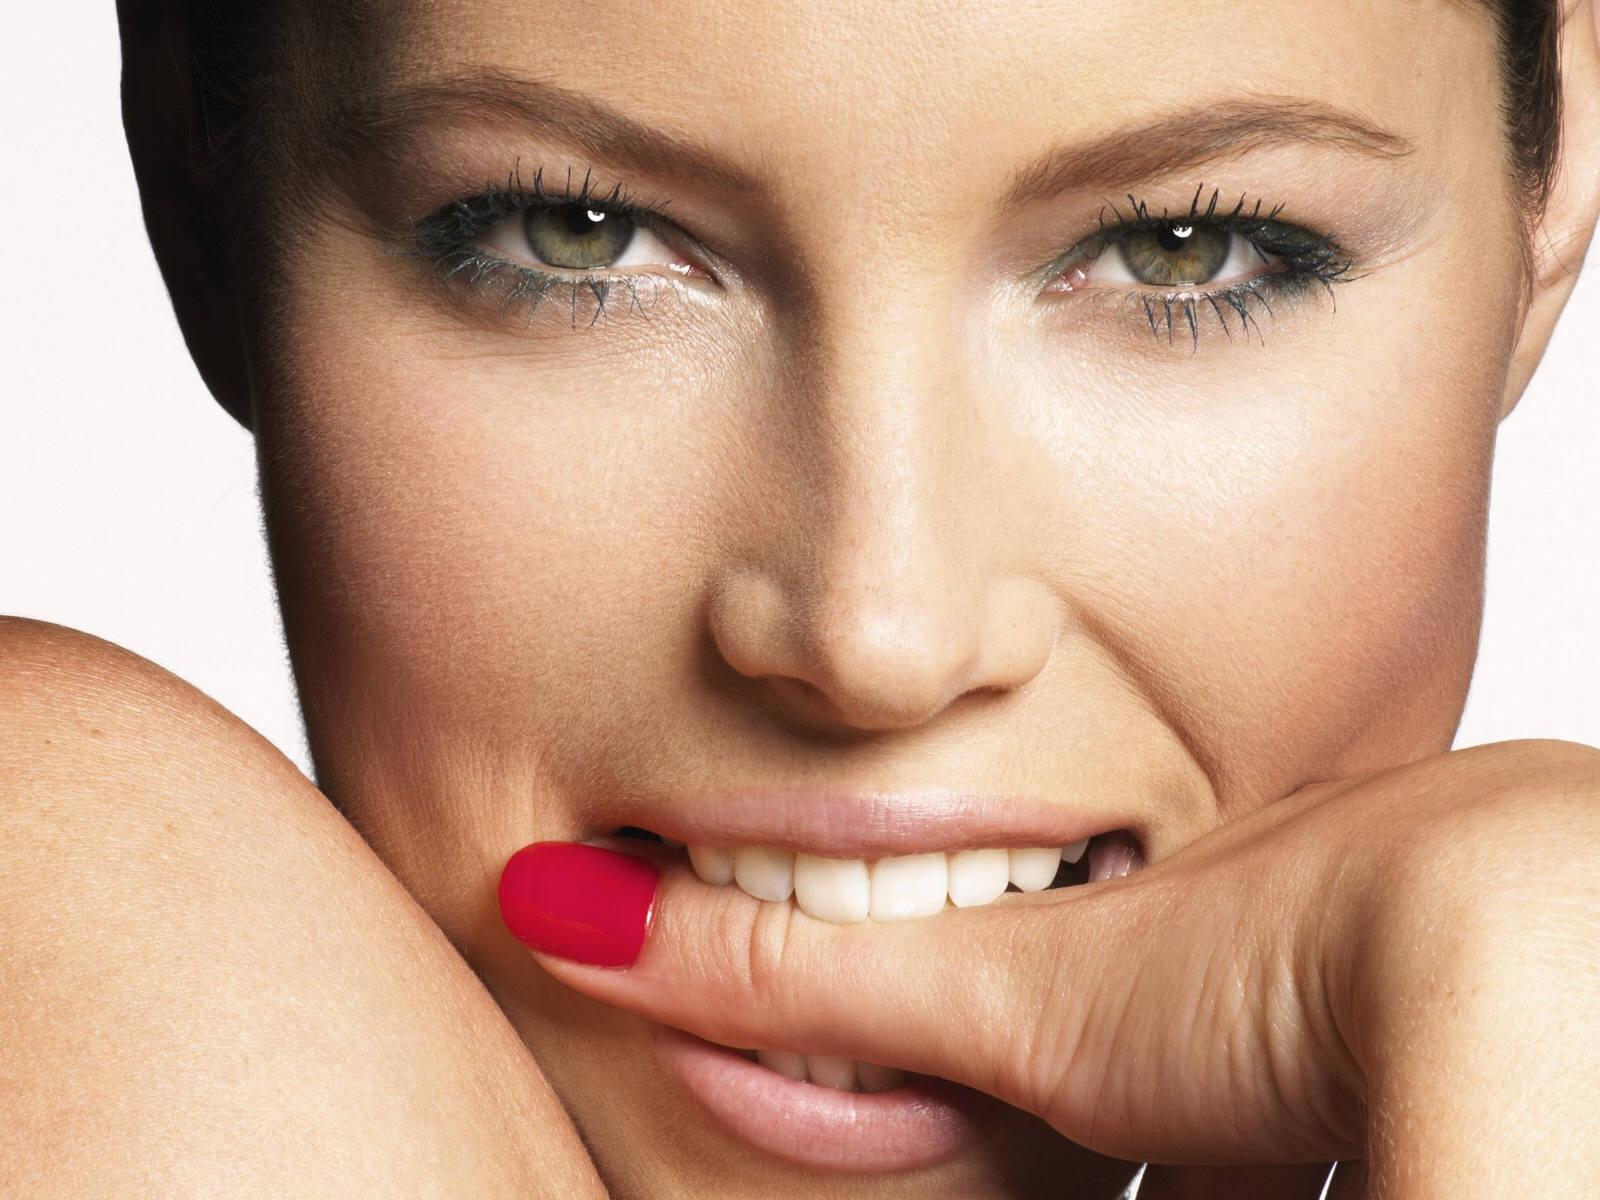 http://3.bp.blogspot.com/-8nH83FYvkC4/T2nIqiz1D6I/AAAAAAAABkY/TN1yEPcJn7U/s1600/Jessica-Biel-09.jpg